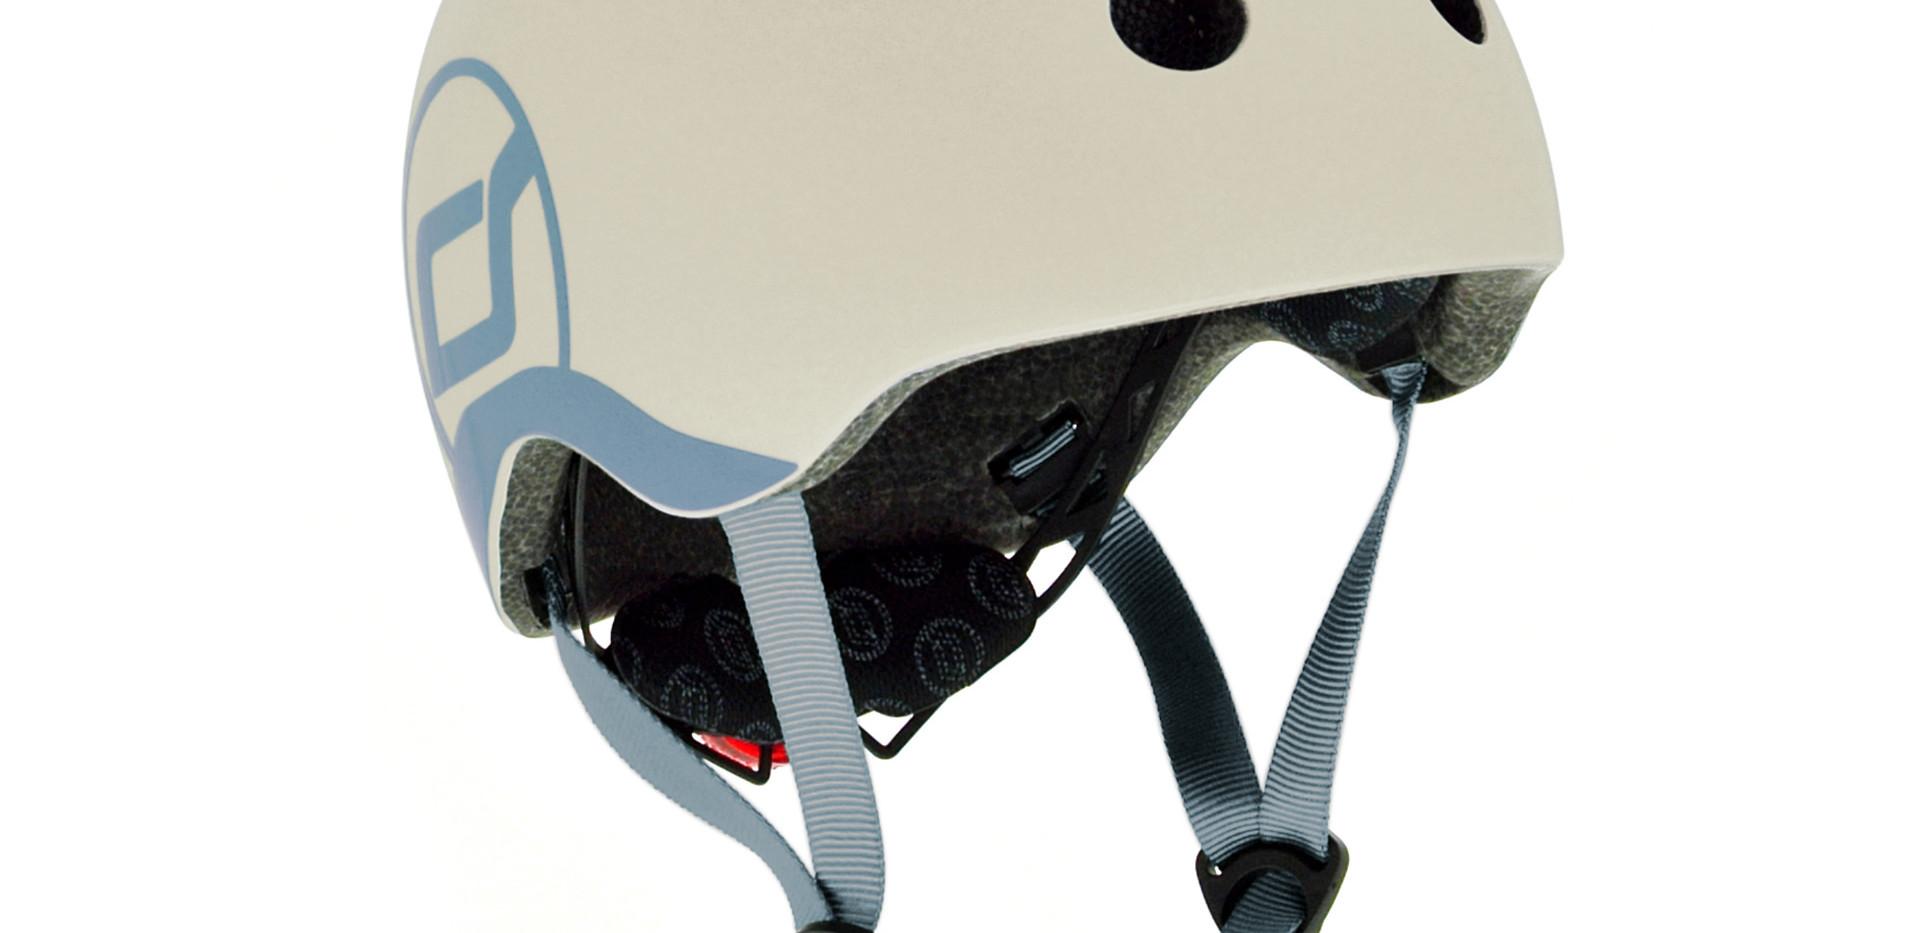 size_product_shoppicture_helmet_XS_ash_1